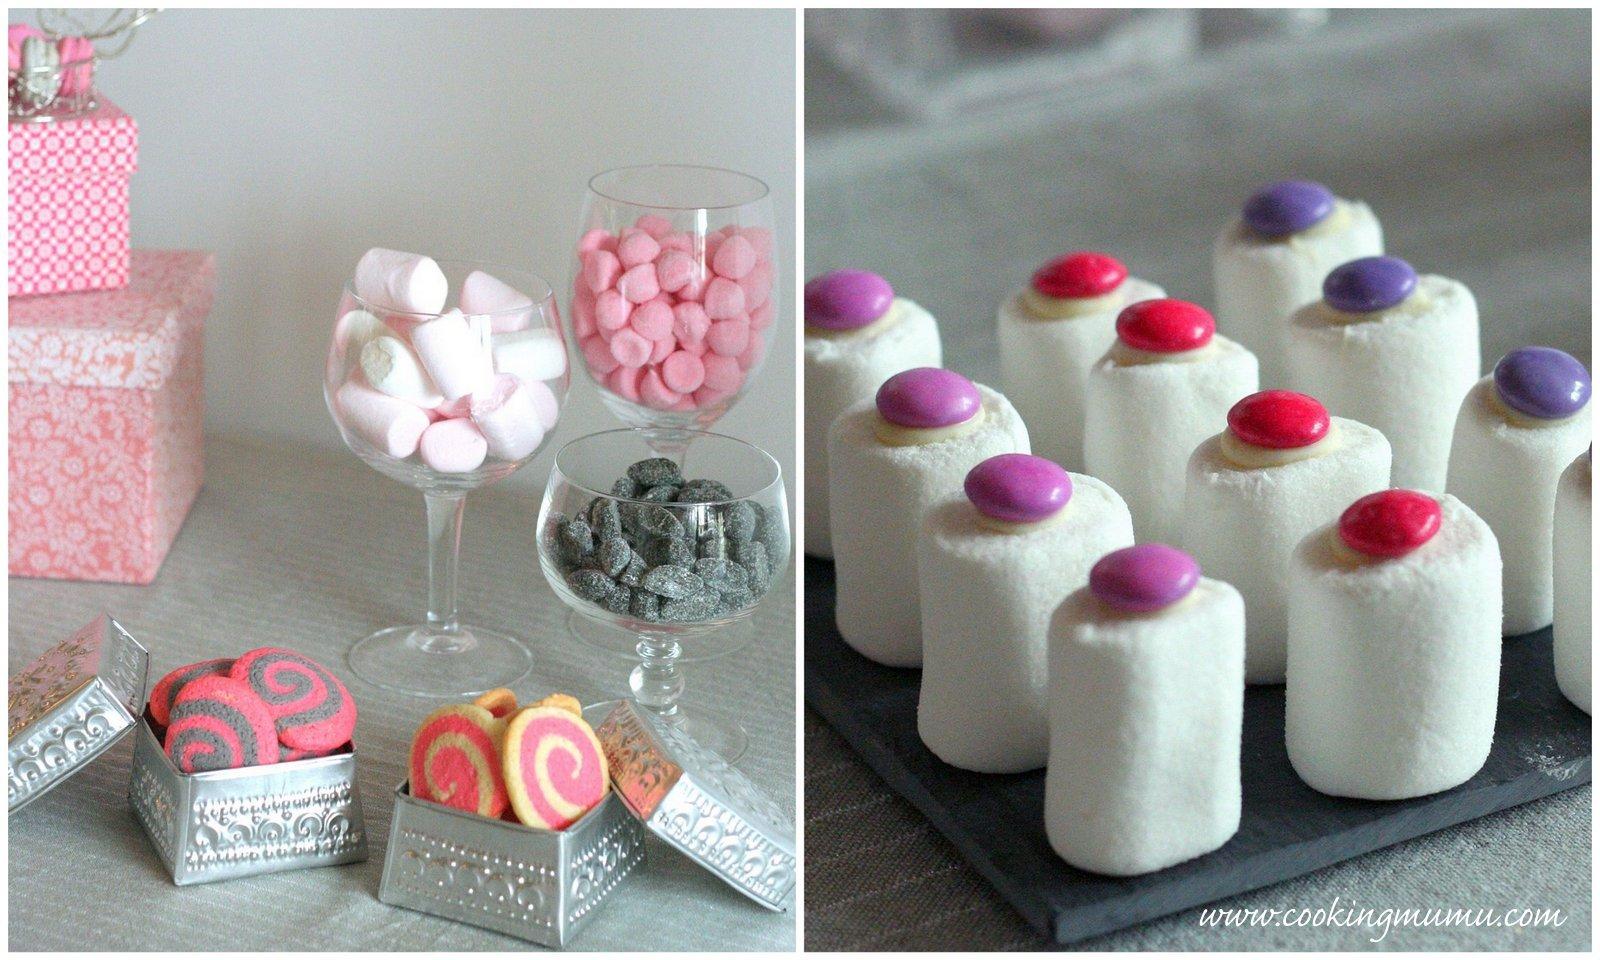 Sweet table en provence - Maison en biscuit et bonbons ...